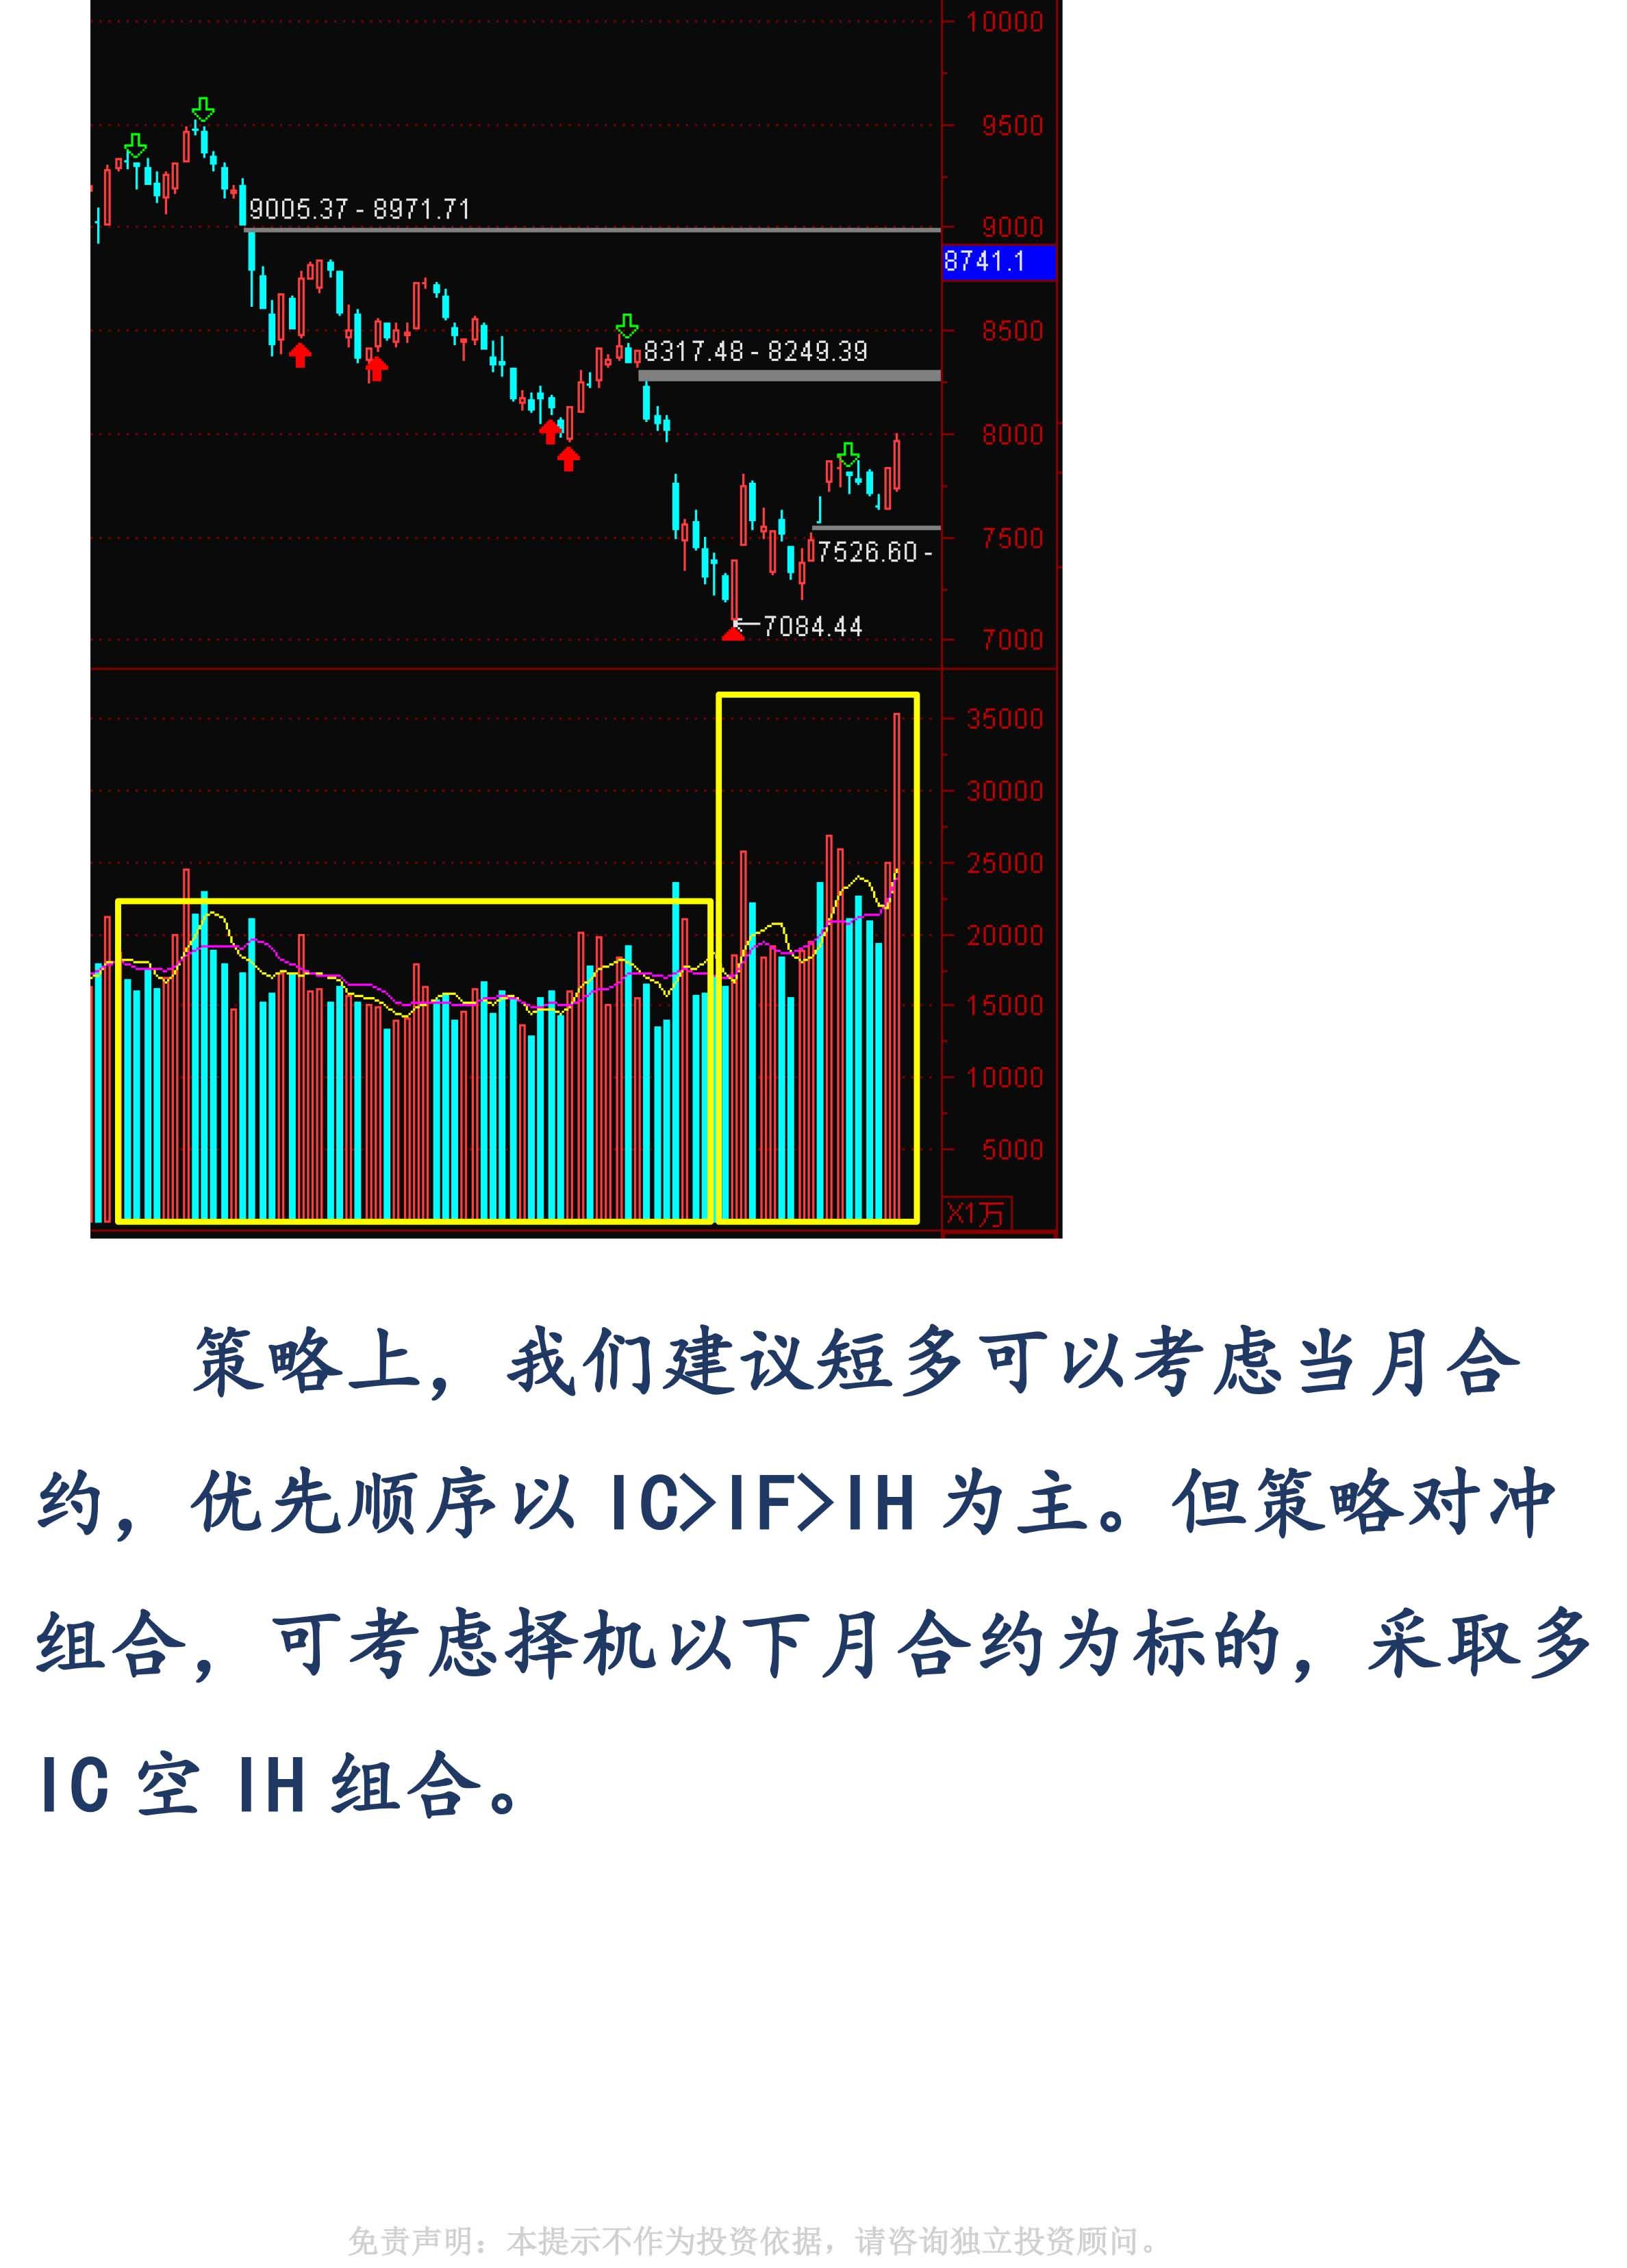 易胜博金策略1113-股指(李冰)-3.jpg